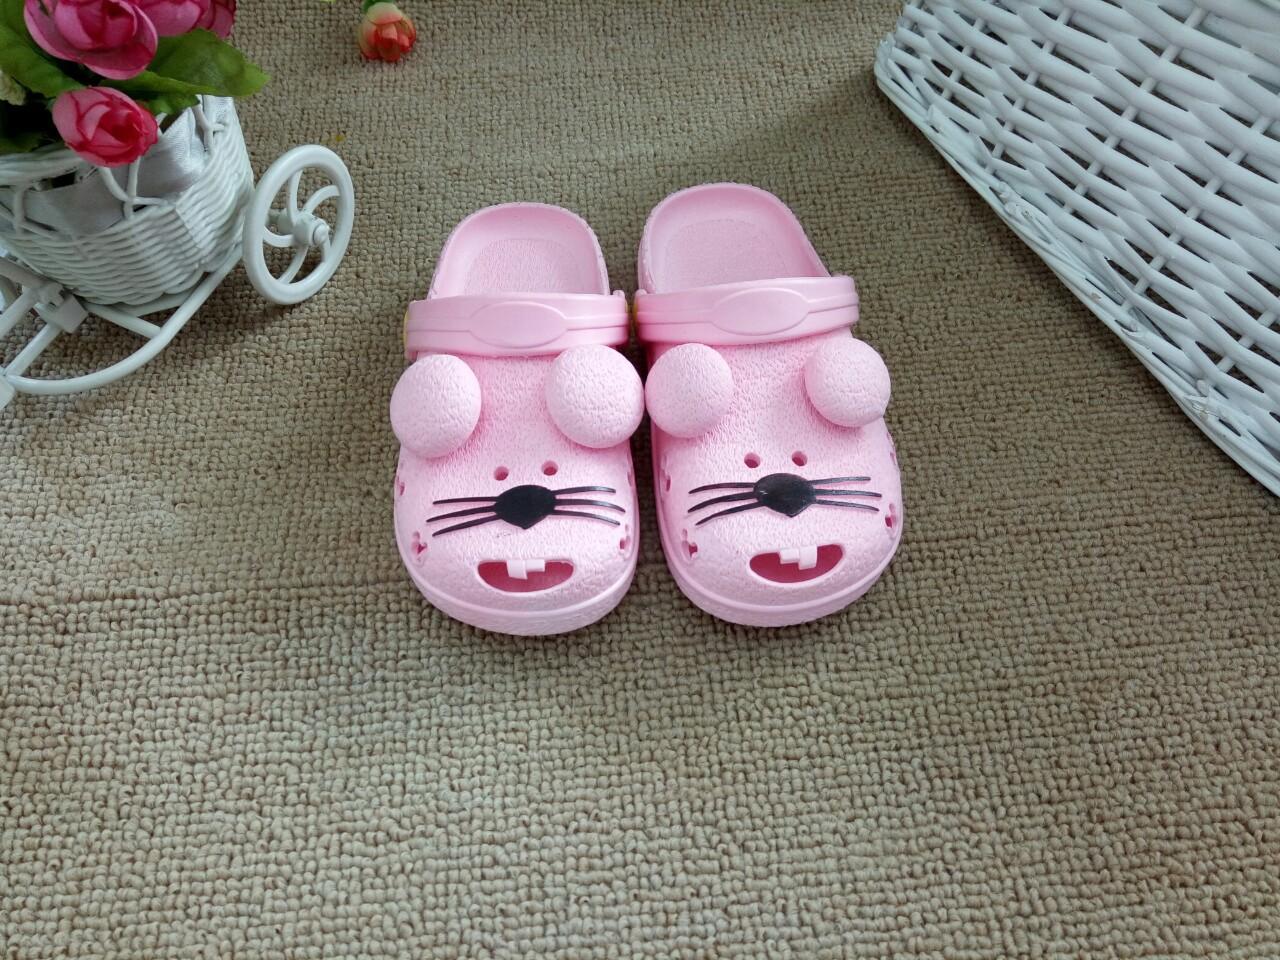 夏季儿童凉拖鞋 时尚卡通儿童凉鞋批发